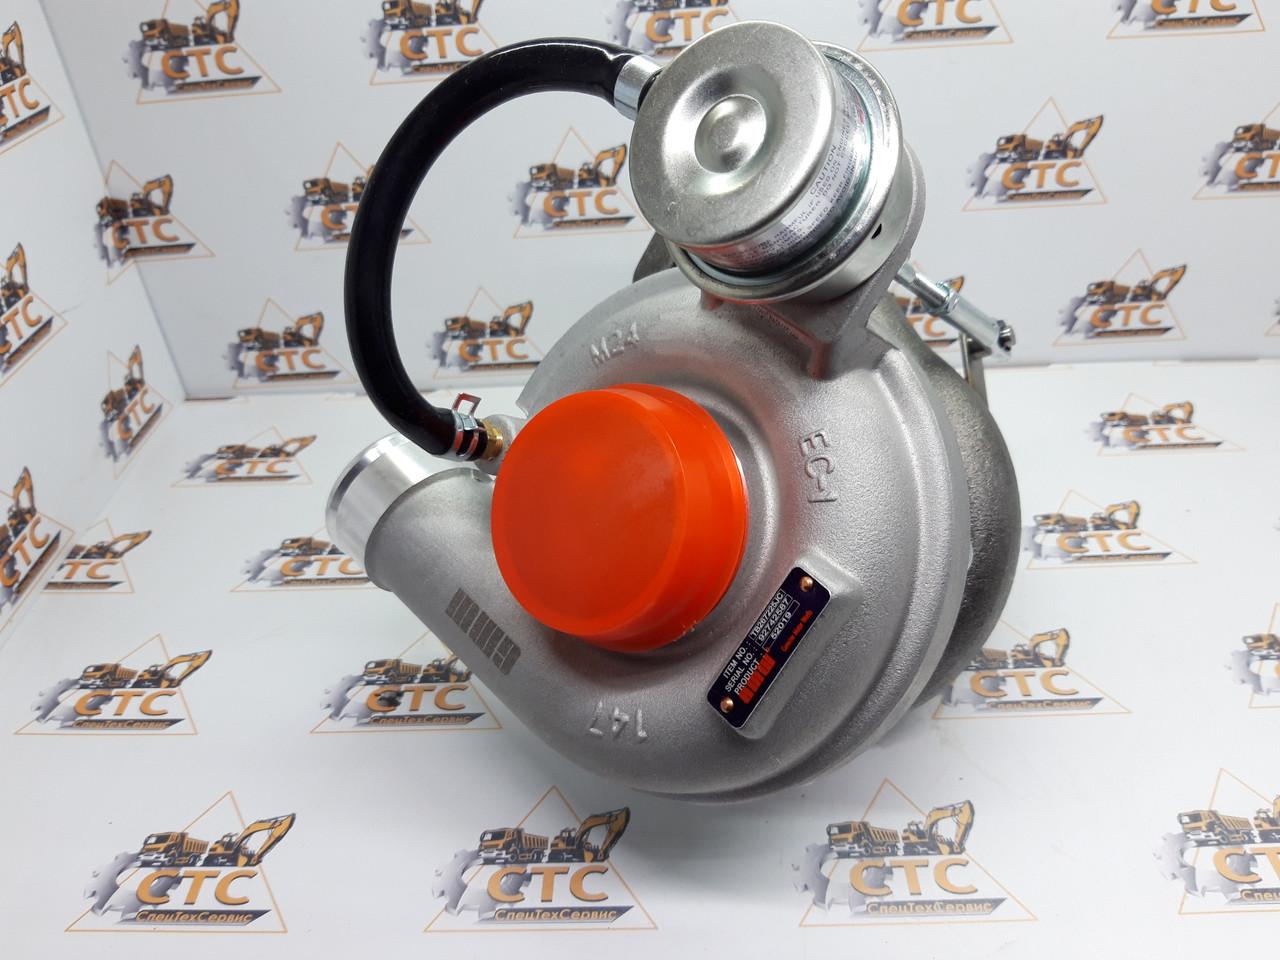 Турбокомпрессор для двигателя Perkins AK на JCB 3CX/4CX (02/202400, 02/201880)